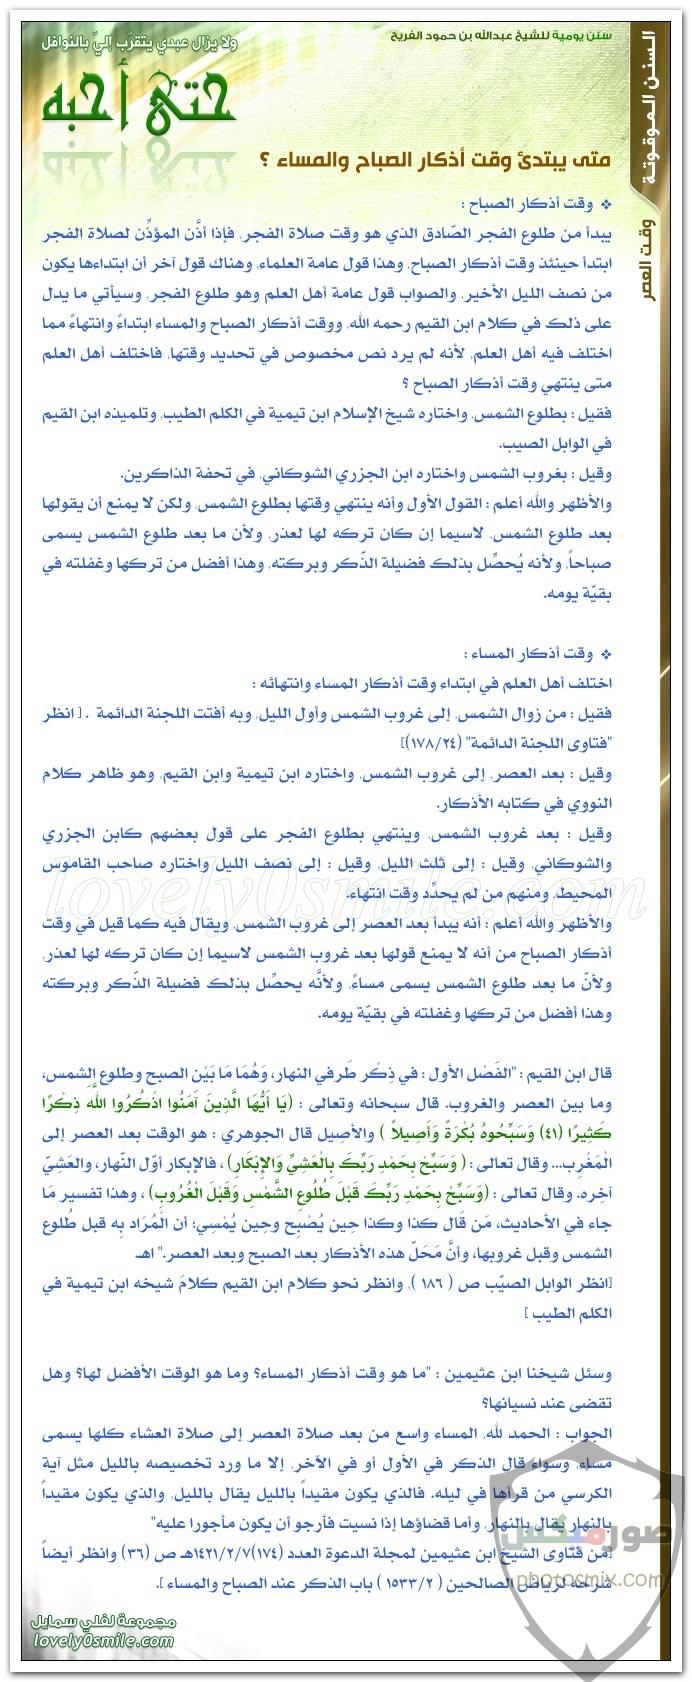 حصن المسلم 7